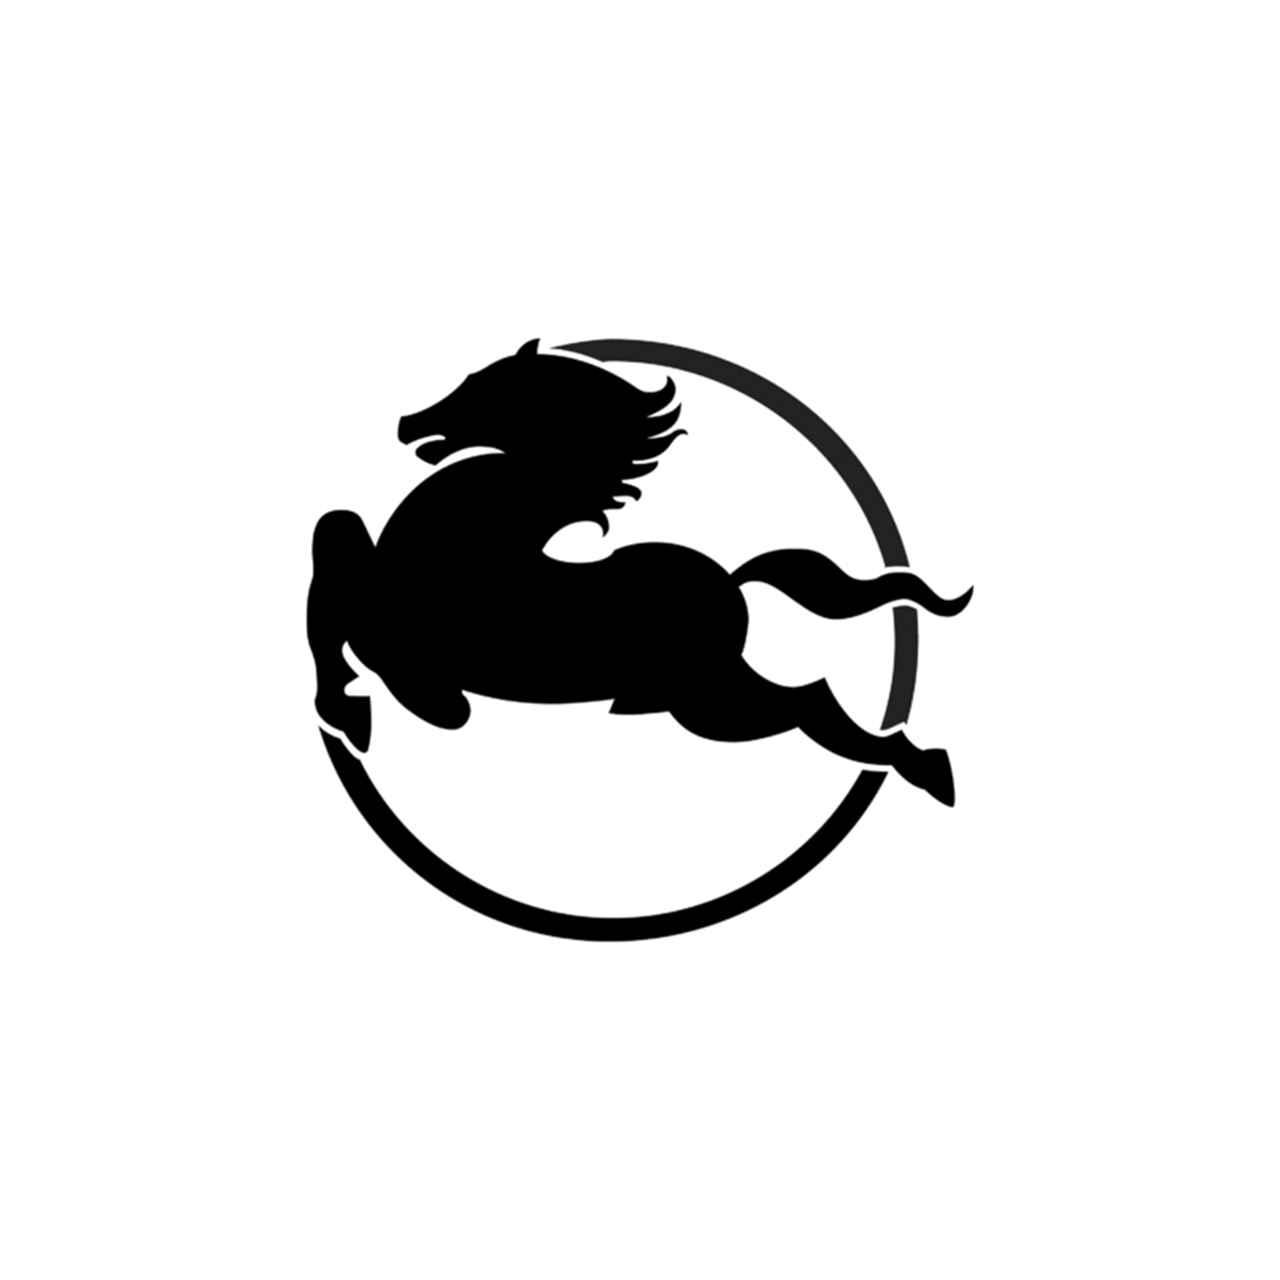 Iveco-Logo-Seul-Vinyl-Decal